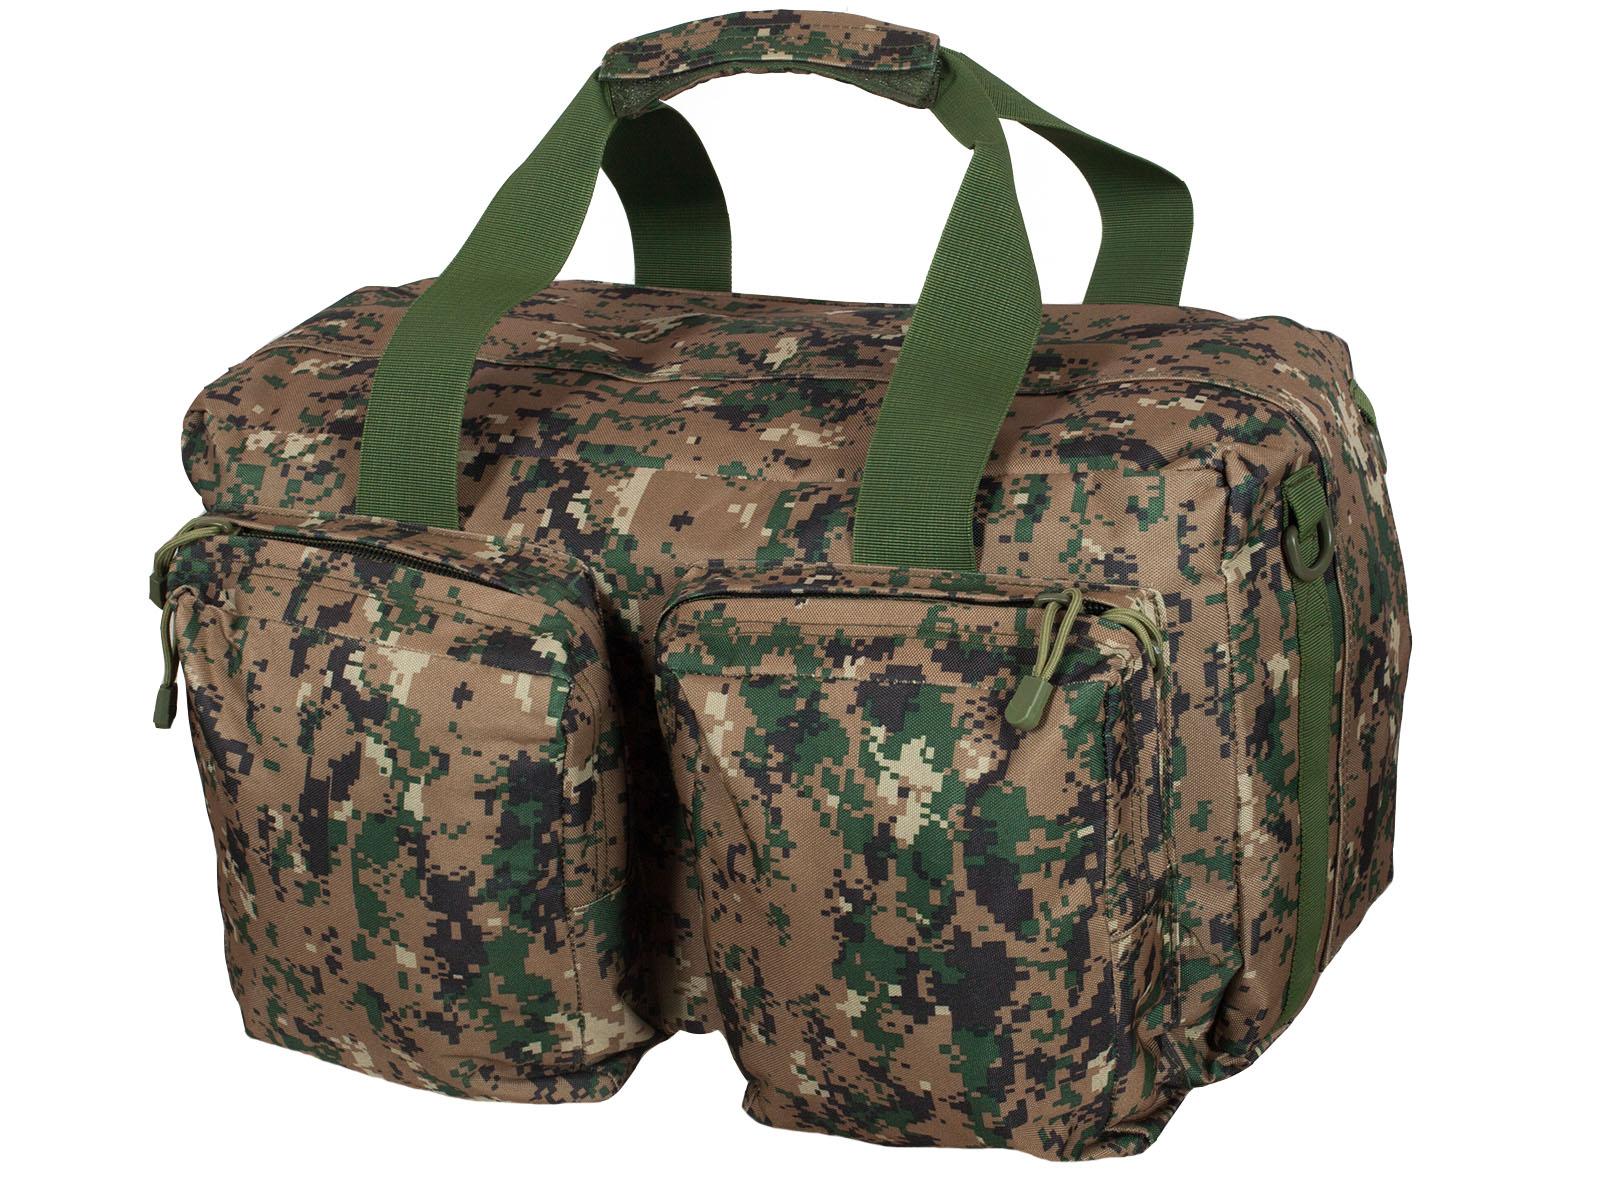 Камуфляжная дорожная сумка с нашивкой Ни пуха, Ни пера - заказать онлайн